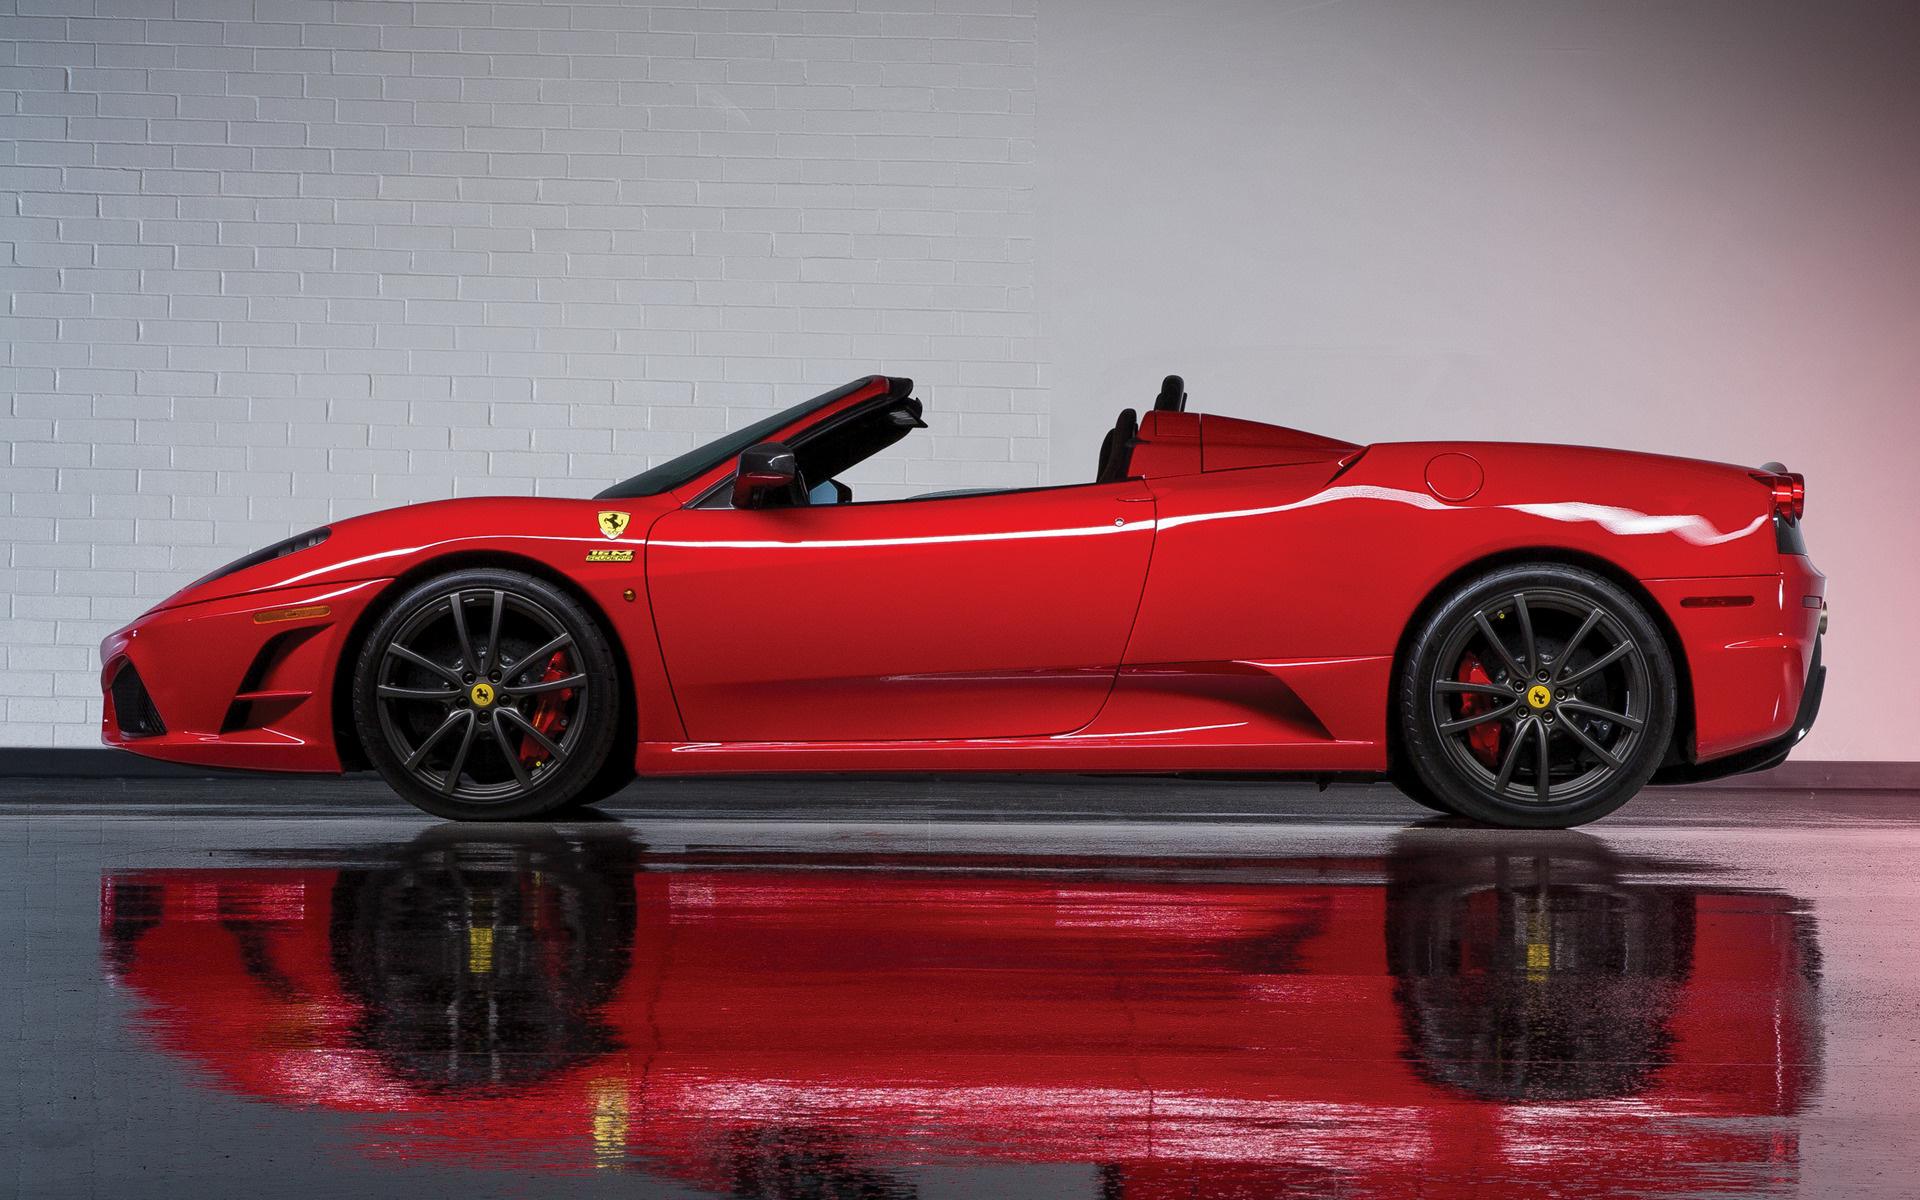 2008 Ferrari Scuderia Spider 16m Us Wallpapers And Hd